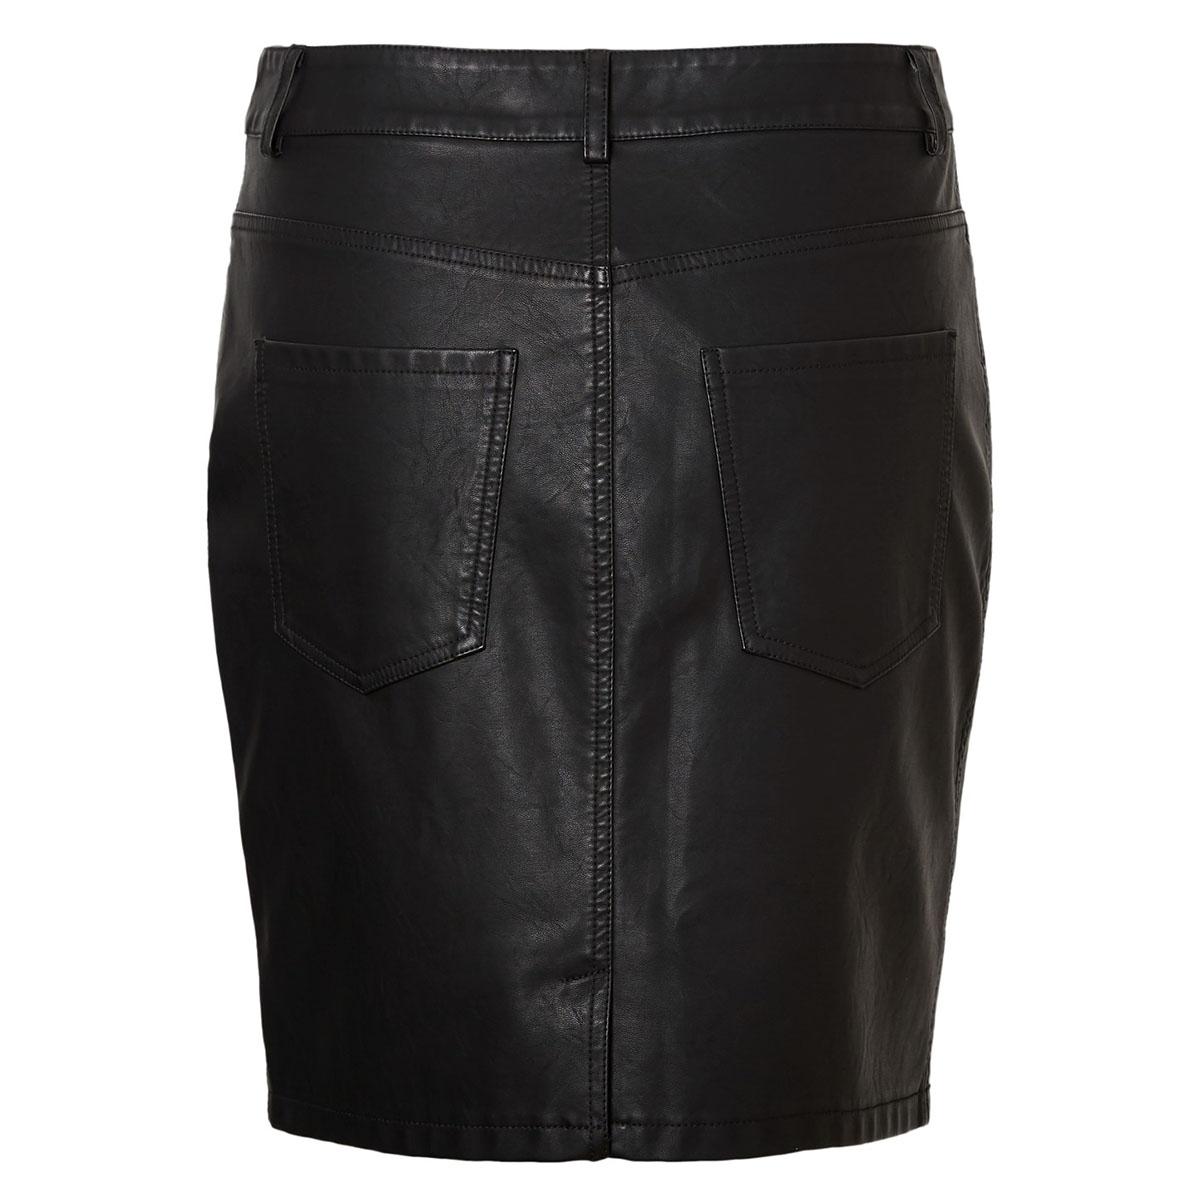 nmbelexi rebel skirt noos 27008914 noisy may rok black